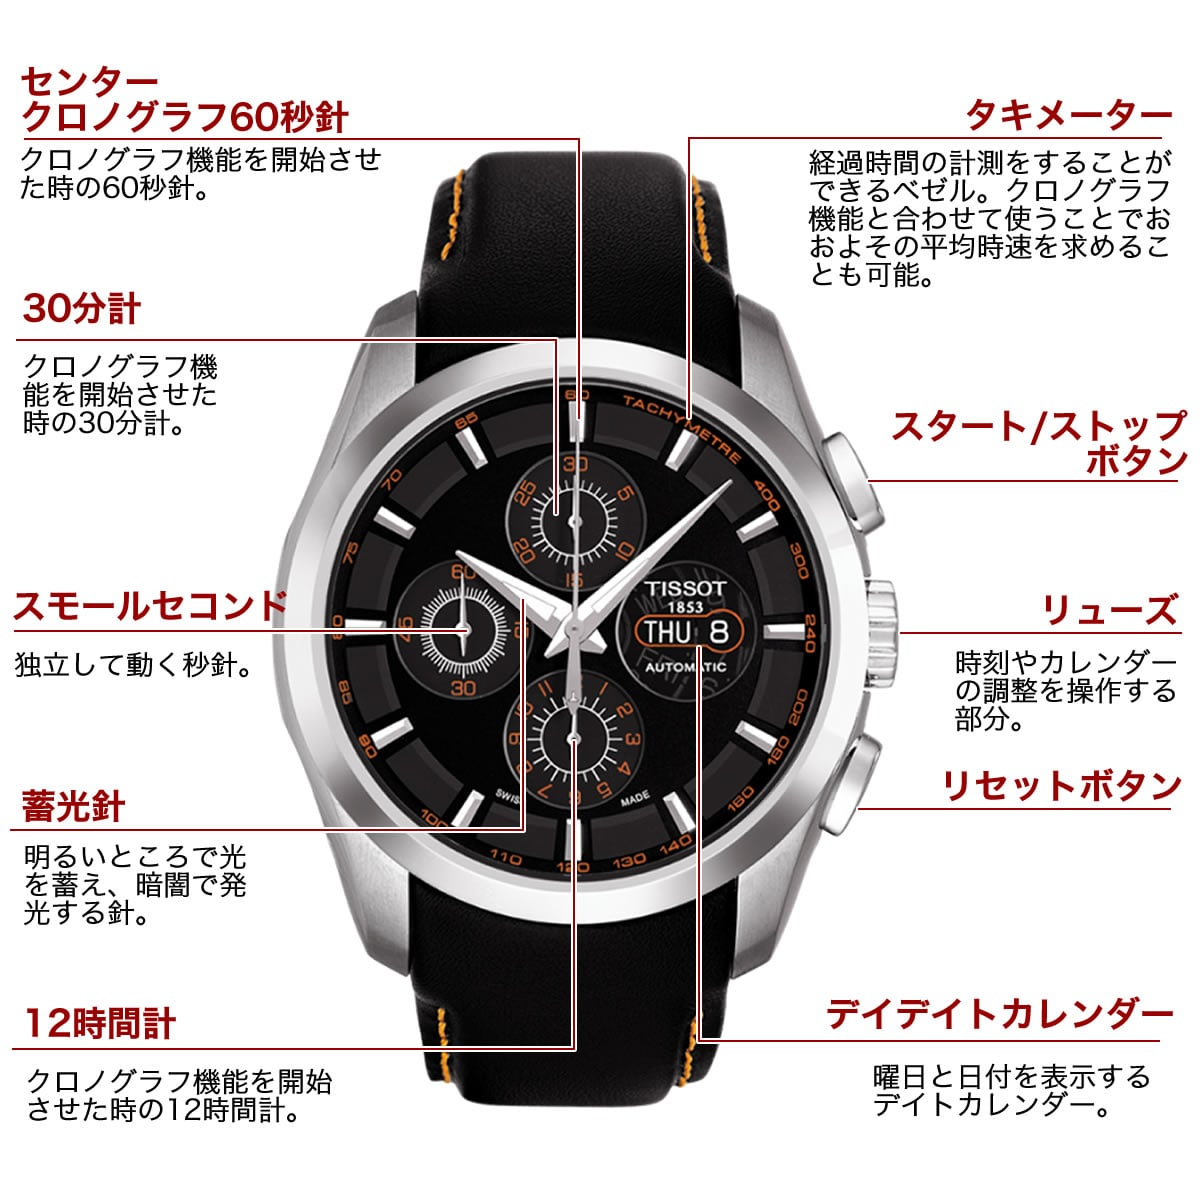 ティソ 自動巻き 男性用腕時計t0356141605101